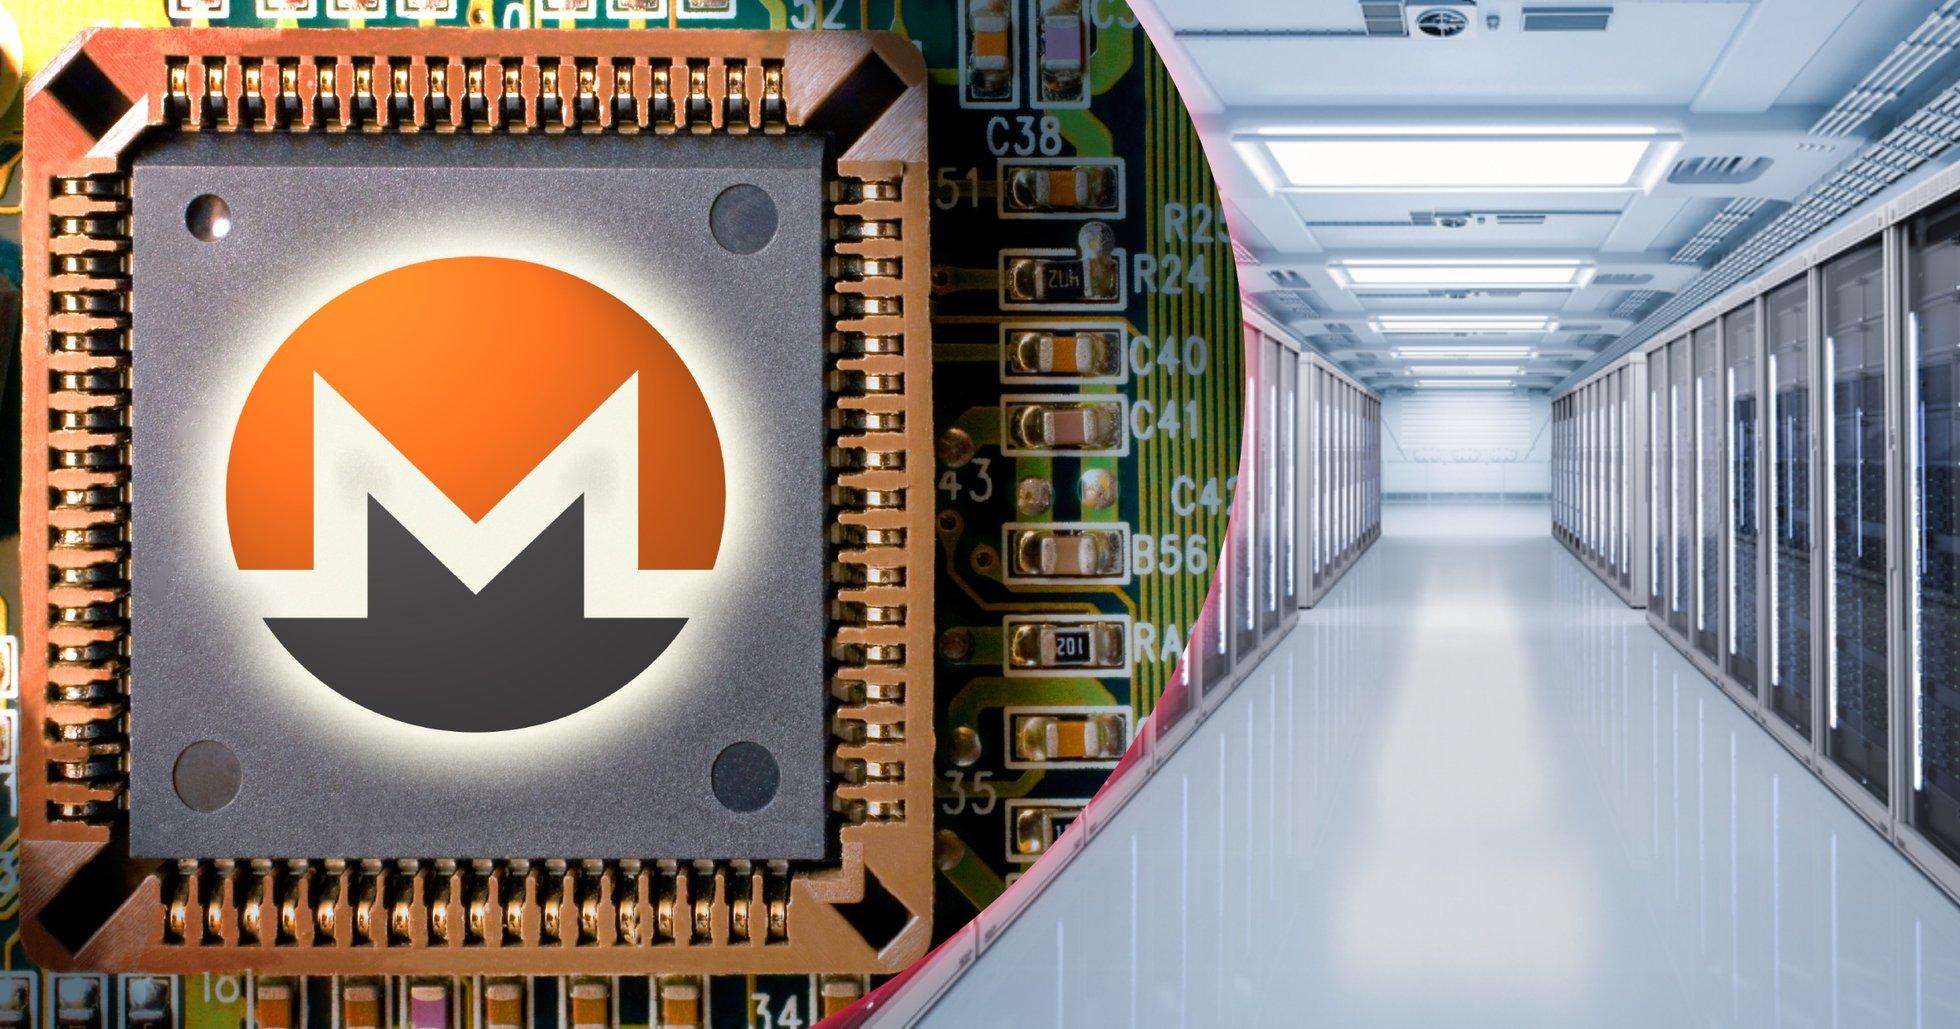 Hackare attackerade superdatorer – för att minea monero